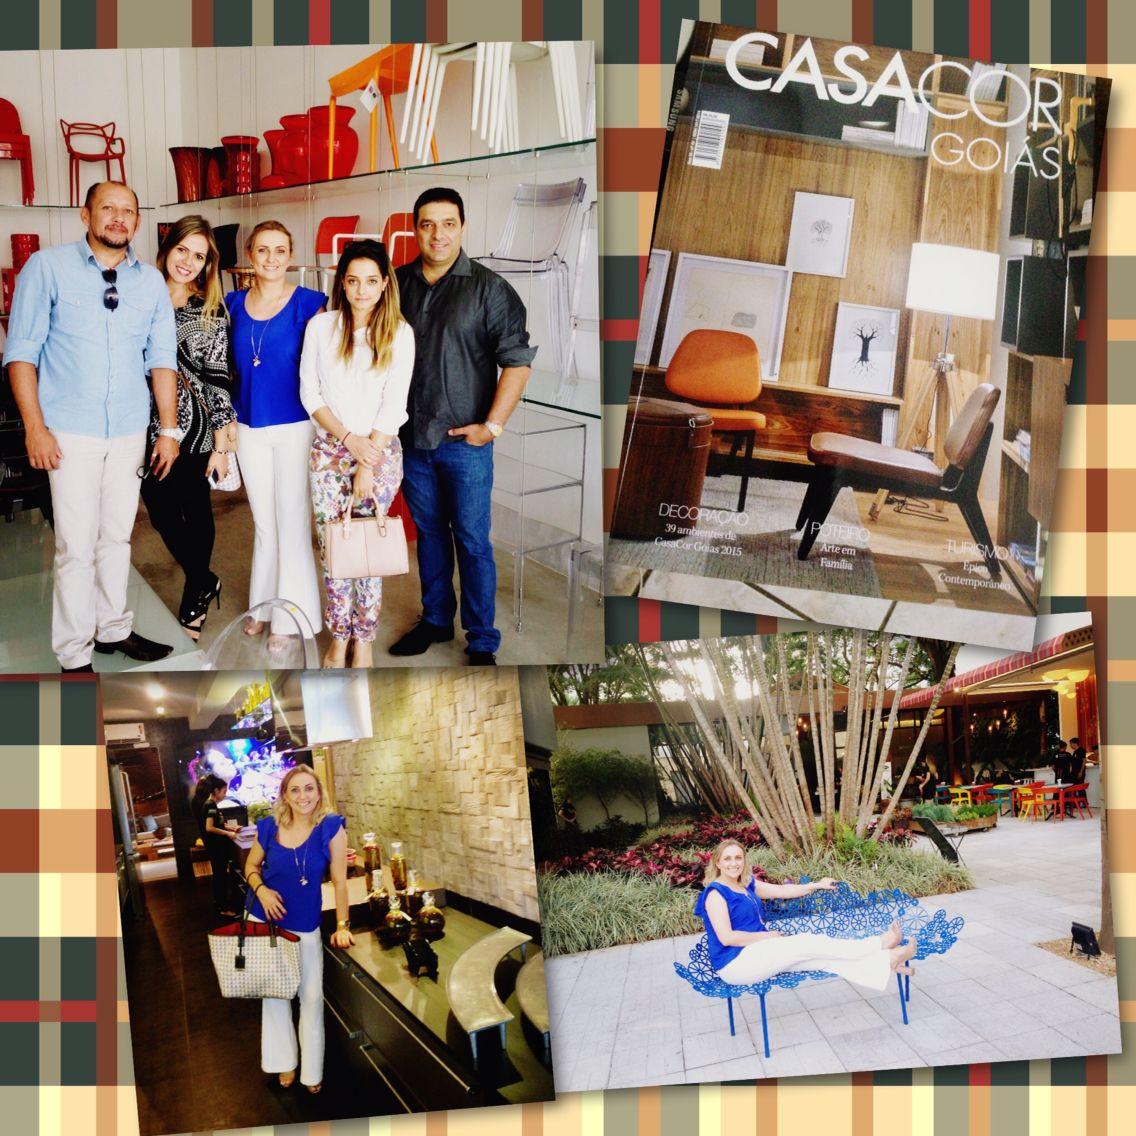 Visita a CasaCor Goiás 2015-{Gyn -Go}